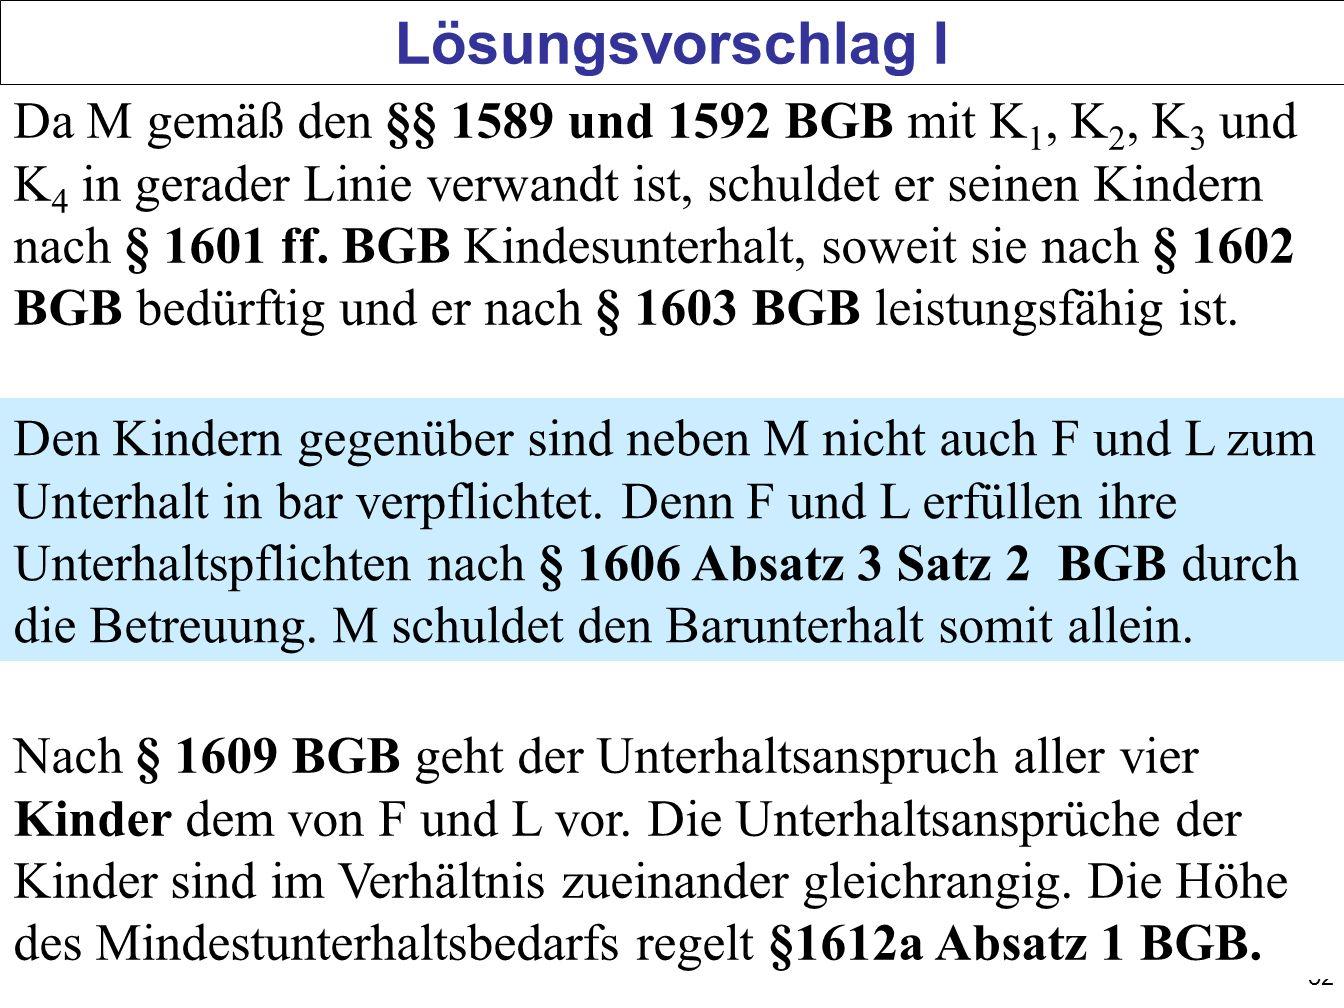 52 Lösungsvorschlag I Da M gemäß den §§ 1589 und 1592 BGB mit K 1, K 2, K 3 und K 4 in gerader Linie verwandt ist, schuldet er seinen Kindern nach § 1